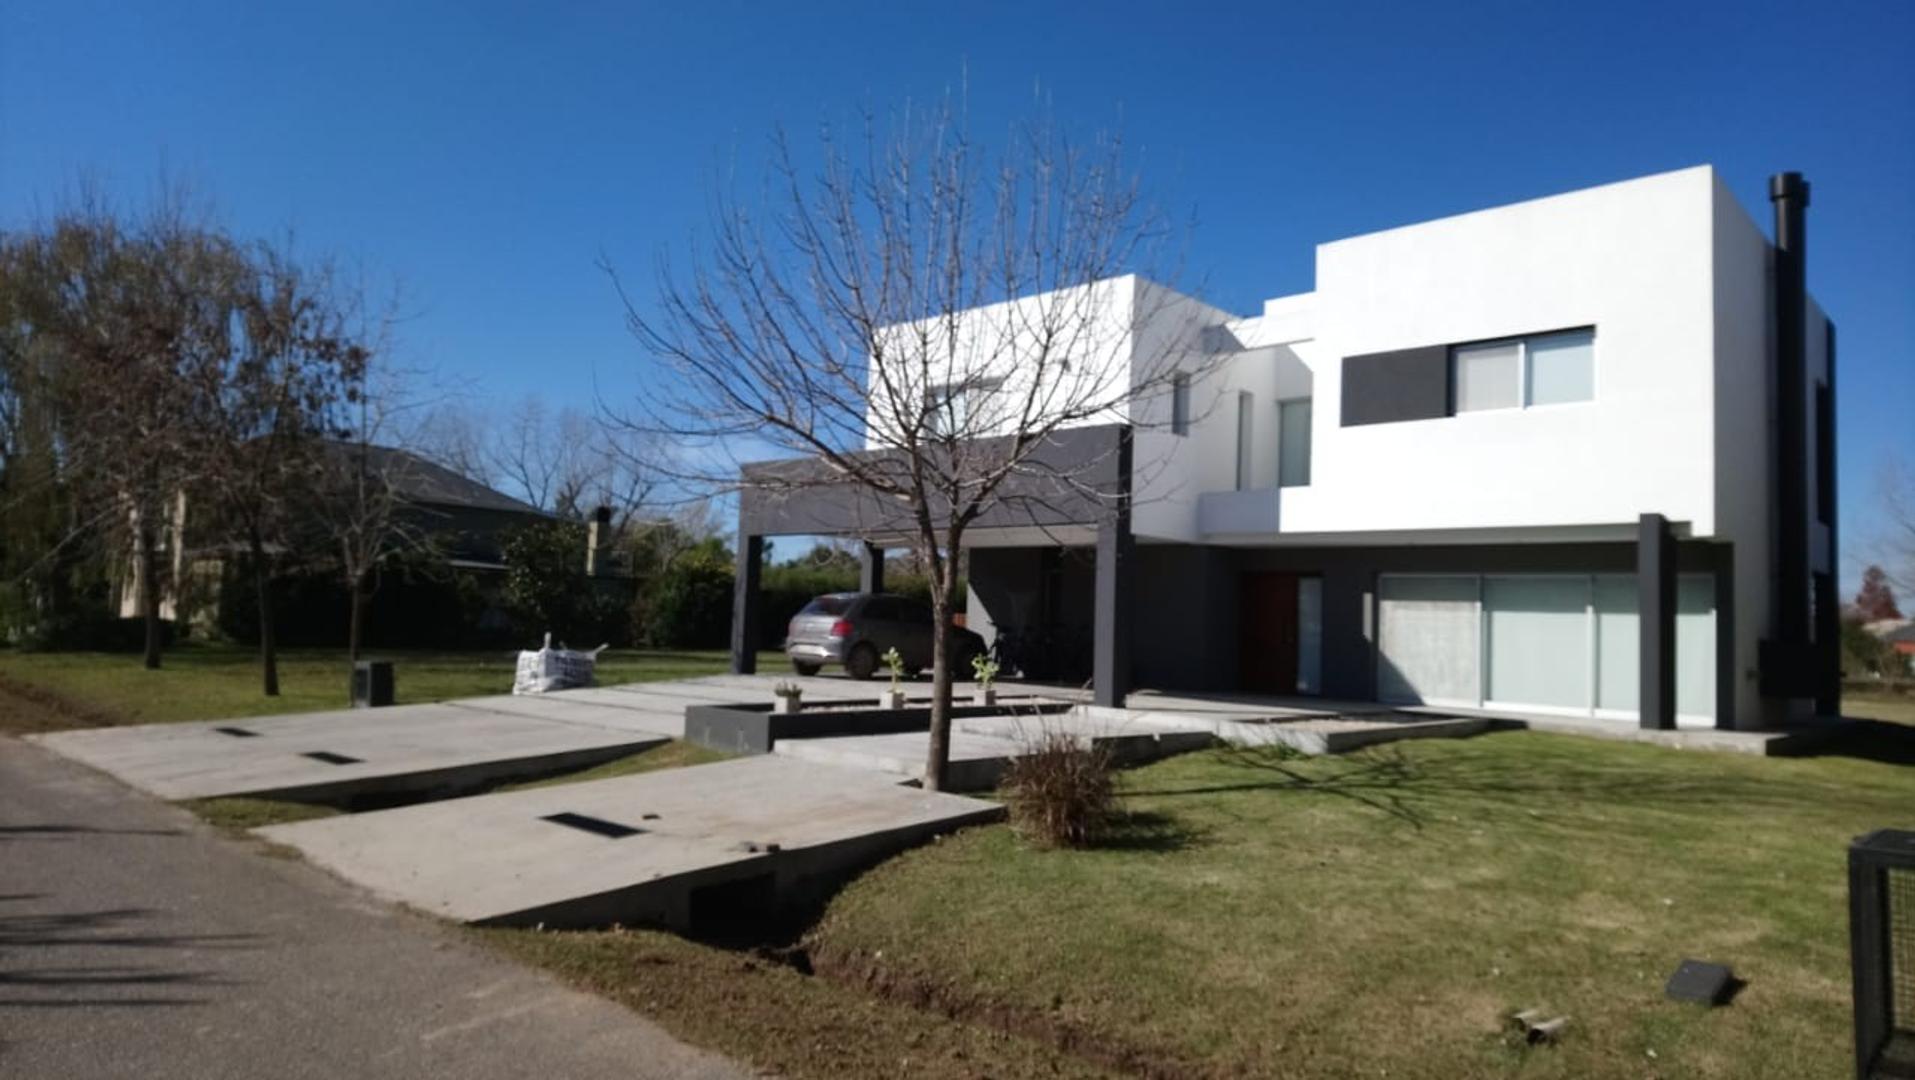 Excelente casa Minimalista